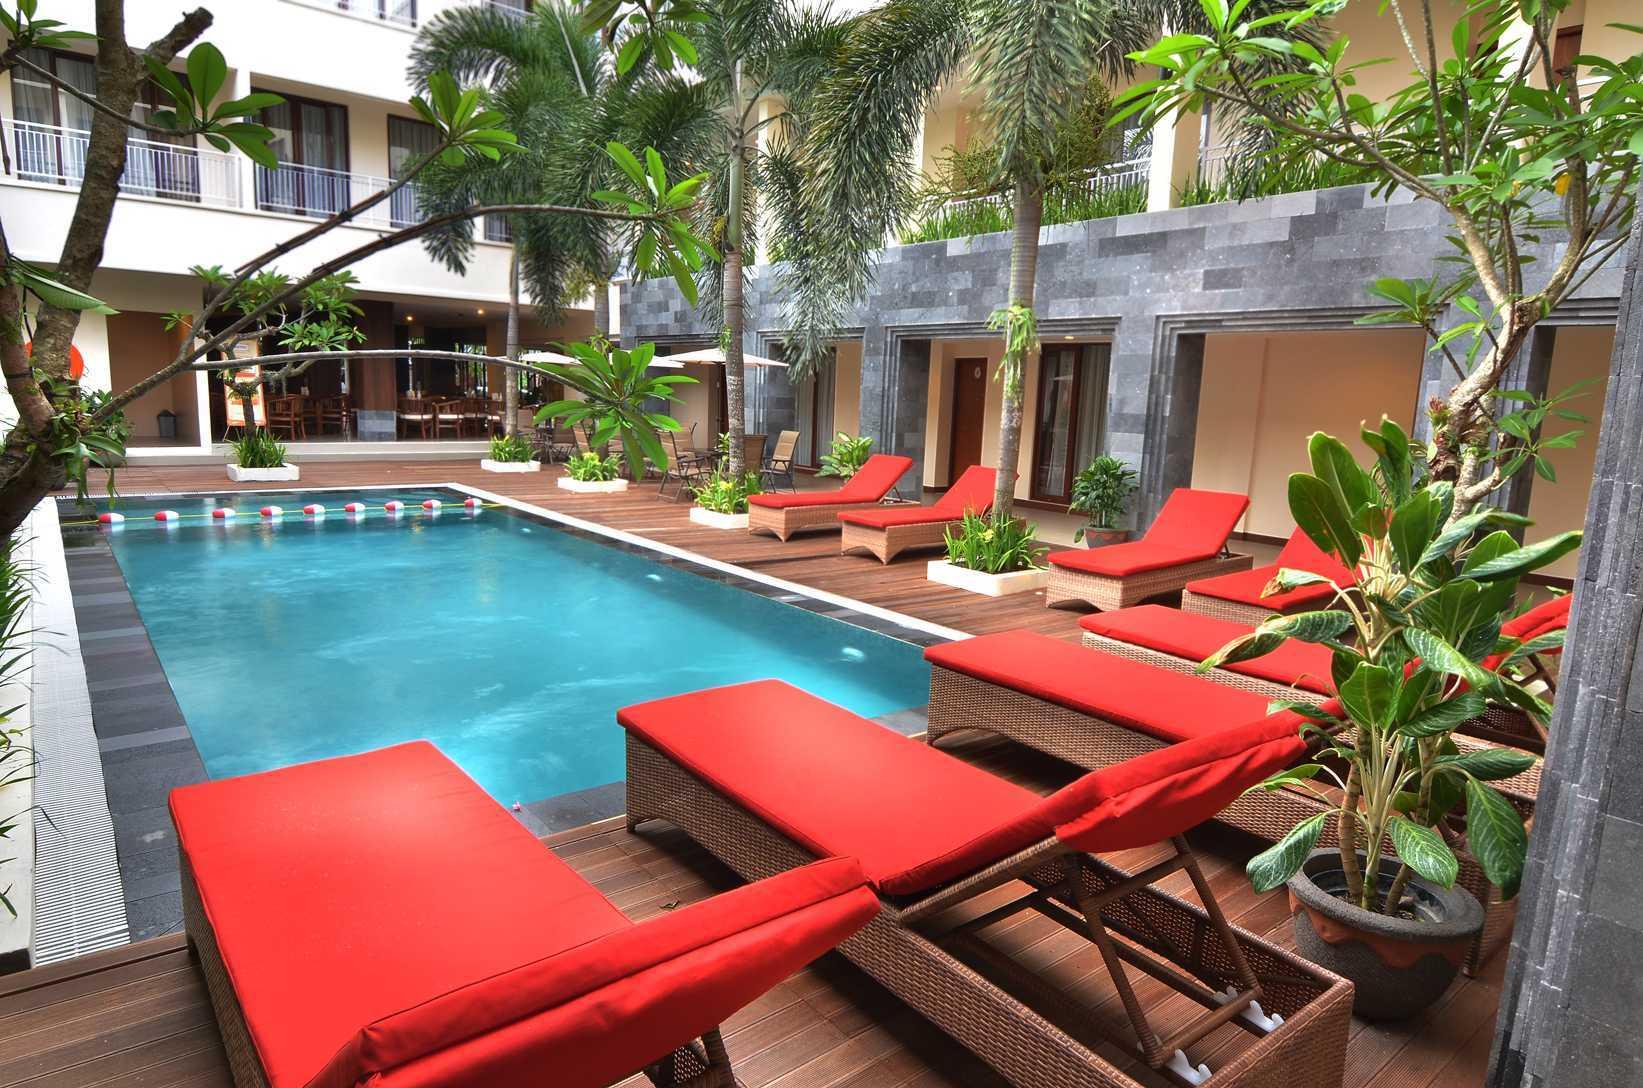 A N J A R S I T E K Aloha Suite Hotel Jalan Raya Gusti Ngurah Rai, Tuban, Kuta, Kabupaten Badung, Bali 80362, Indonesia Jalan Raya Gusti Ngurah Rai, Tuban, Kuta, Kabupaten Badung, Bali 80362, Indonesia Aloha-Suite-Hotel-Tuban-Bali-V2 Modern  35767